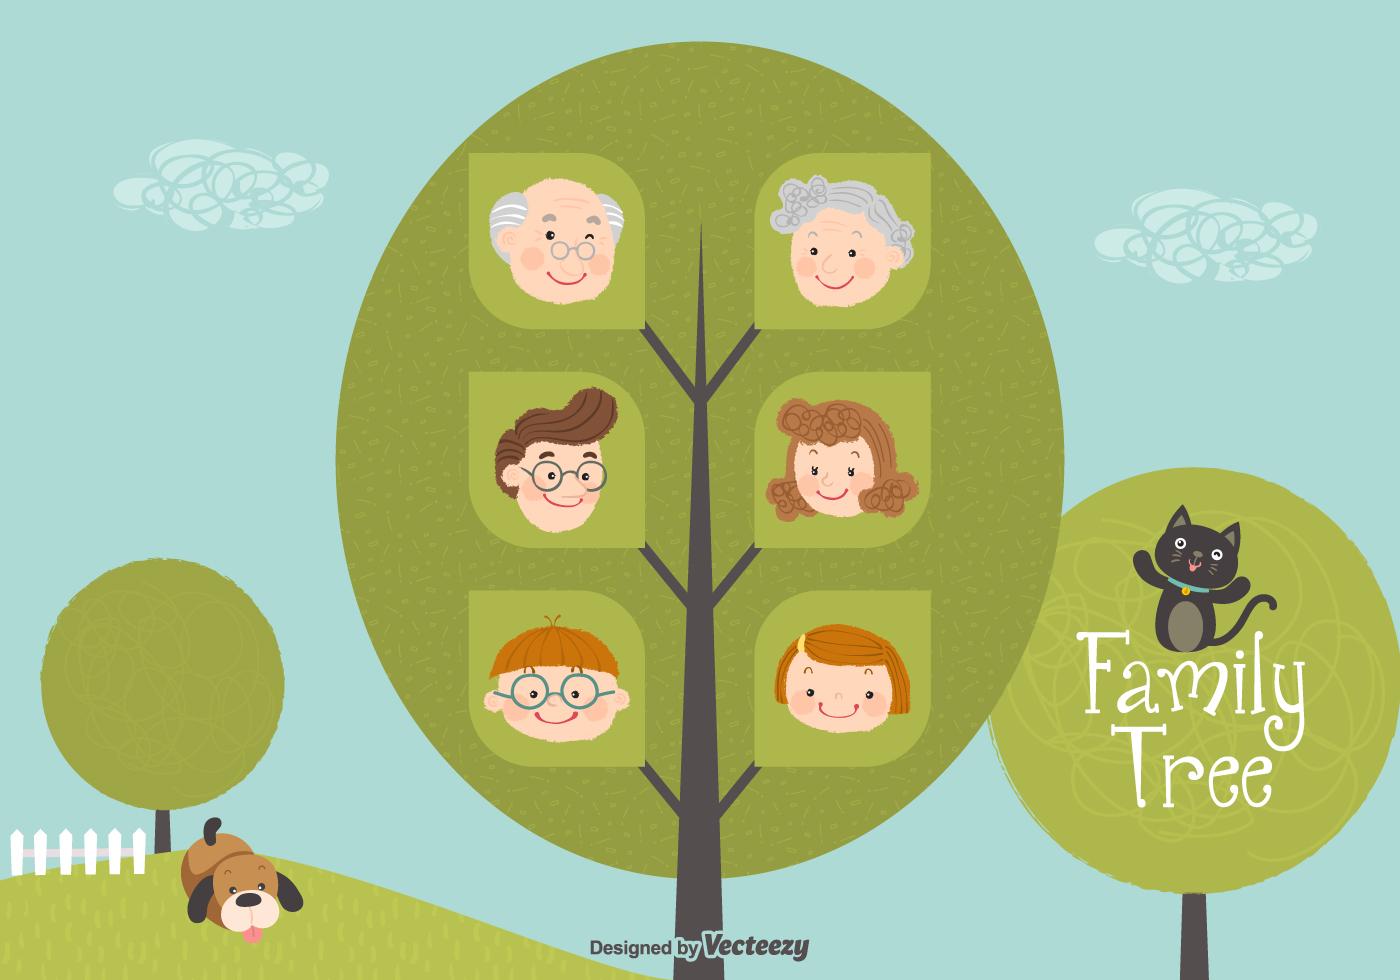 Cute Cartoon Family Tree Vector - Download Free Vectors, Clipart Graphics &  Vector Art